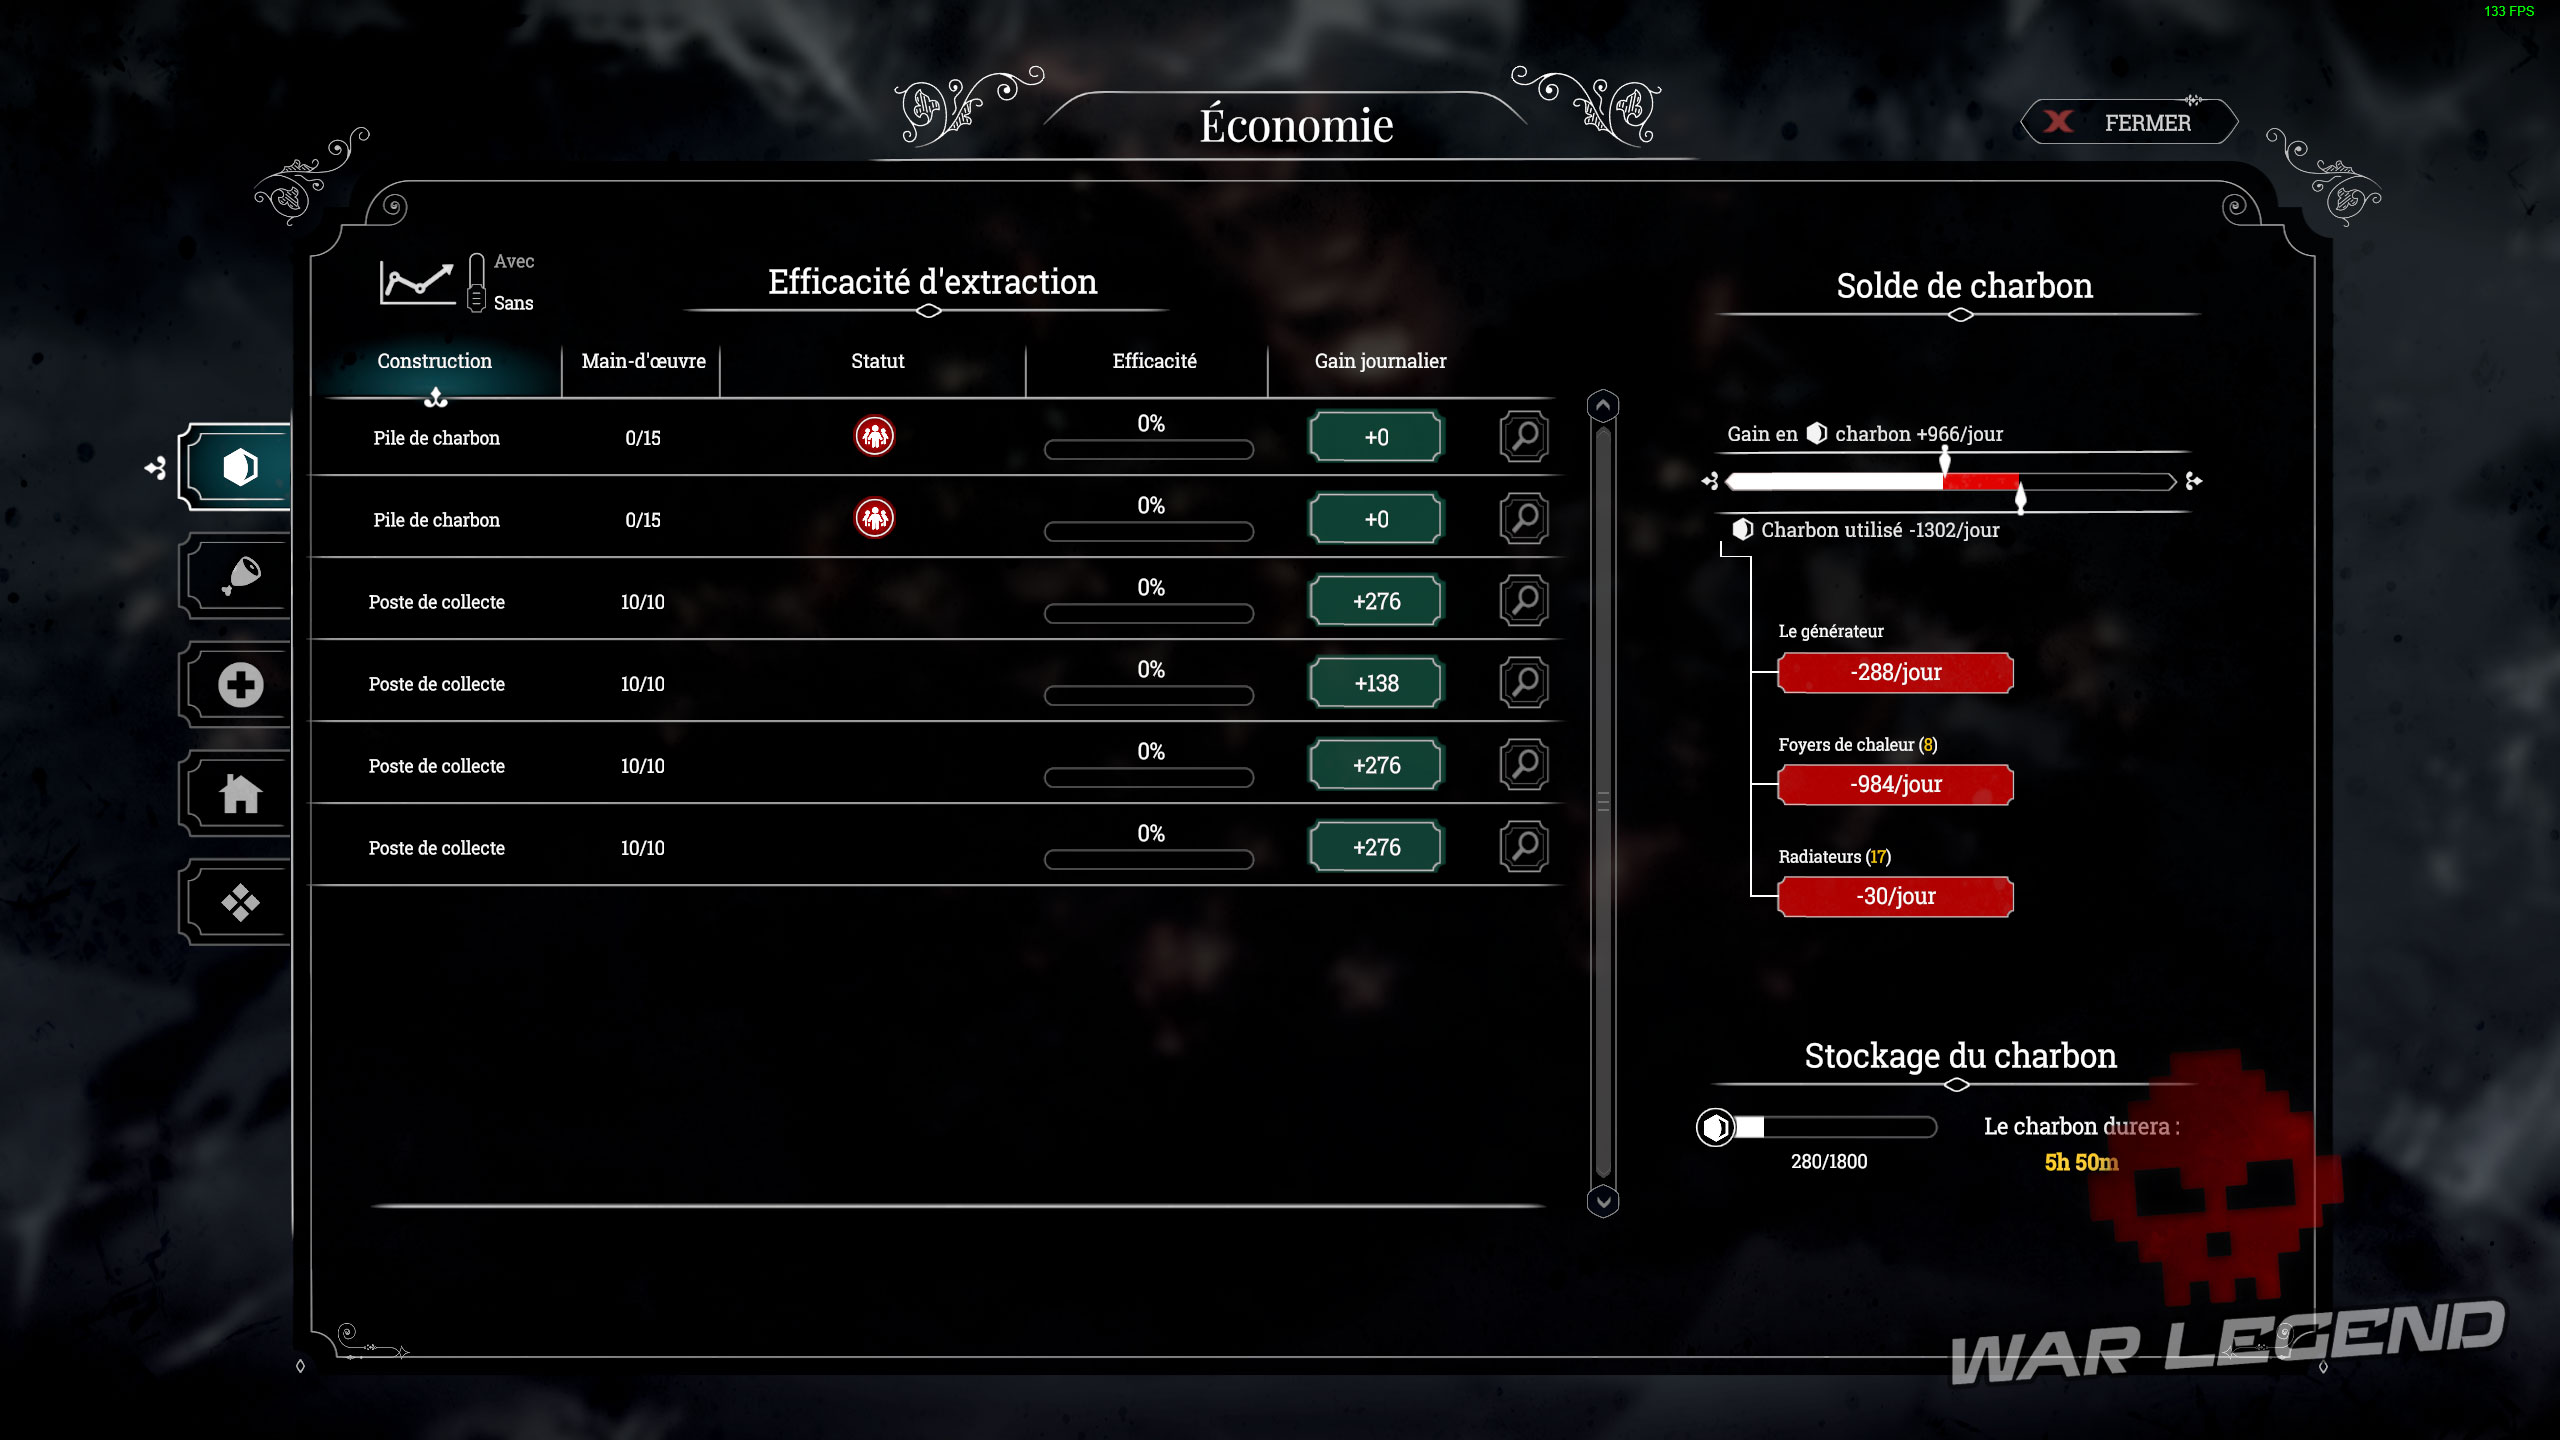 écran économie